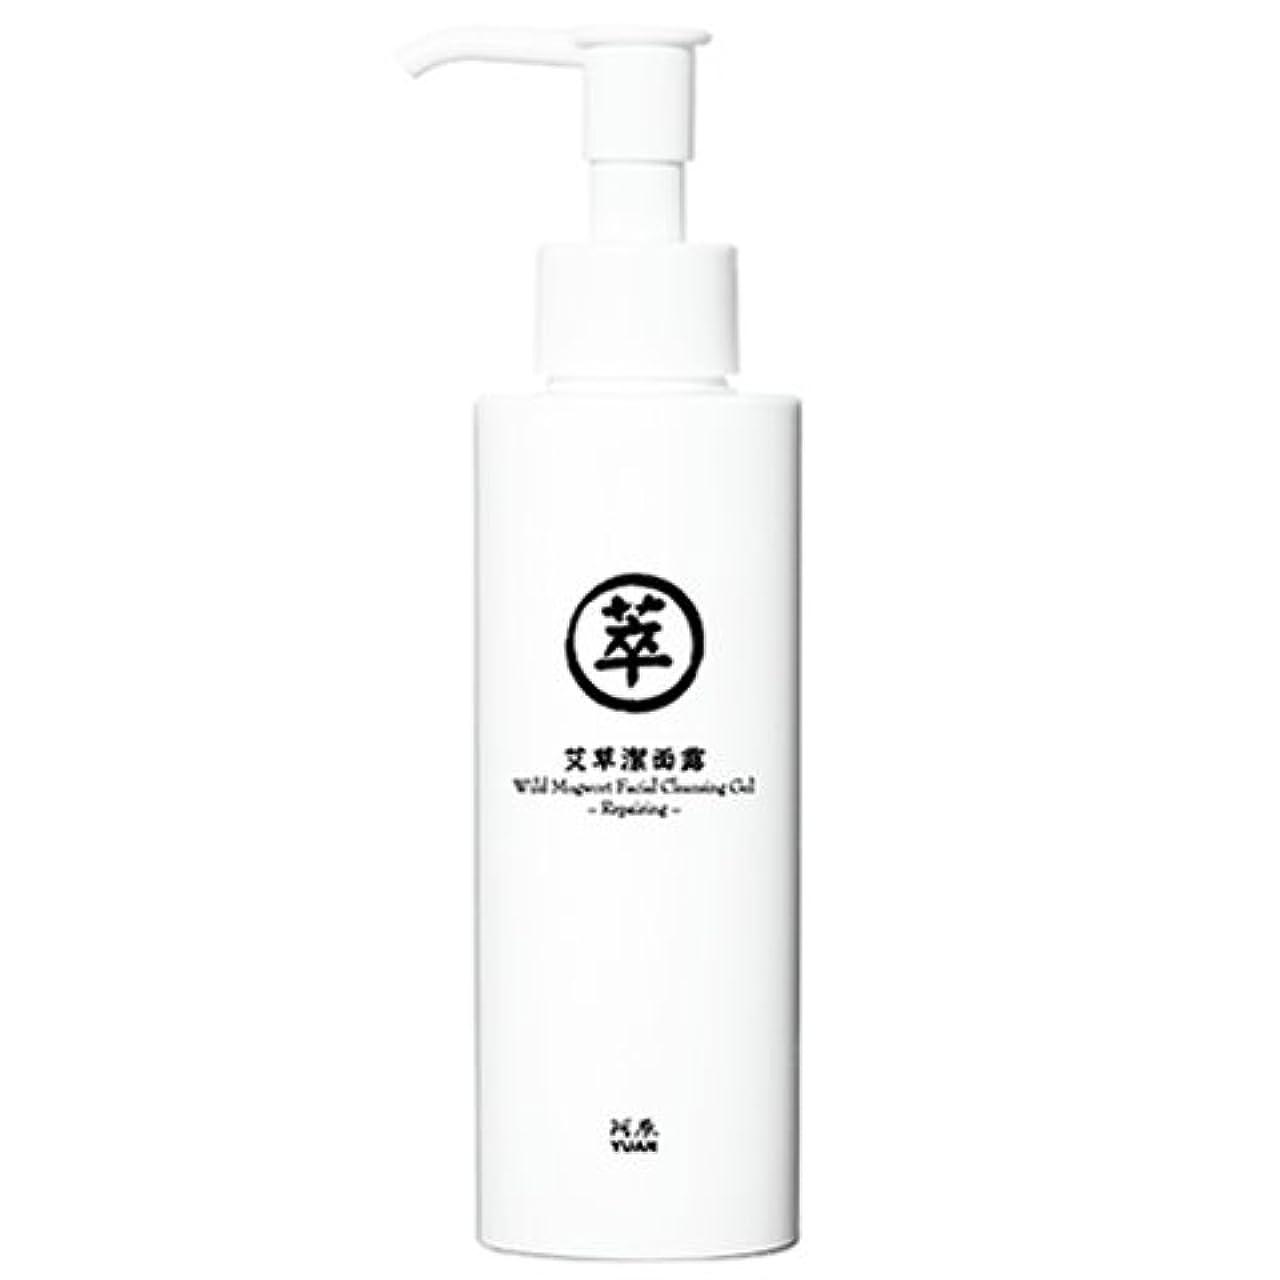 バウンススズメバチ必要性ユアン(YUAN)ヨモギ洗顔ジェル 150ml(阿原 ユアンソープ 台湾コスメ)